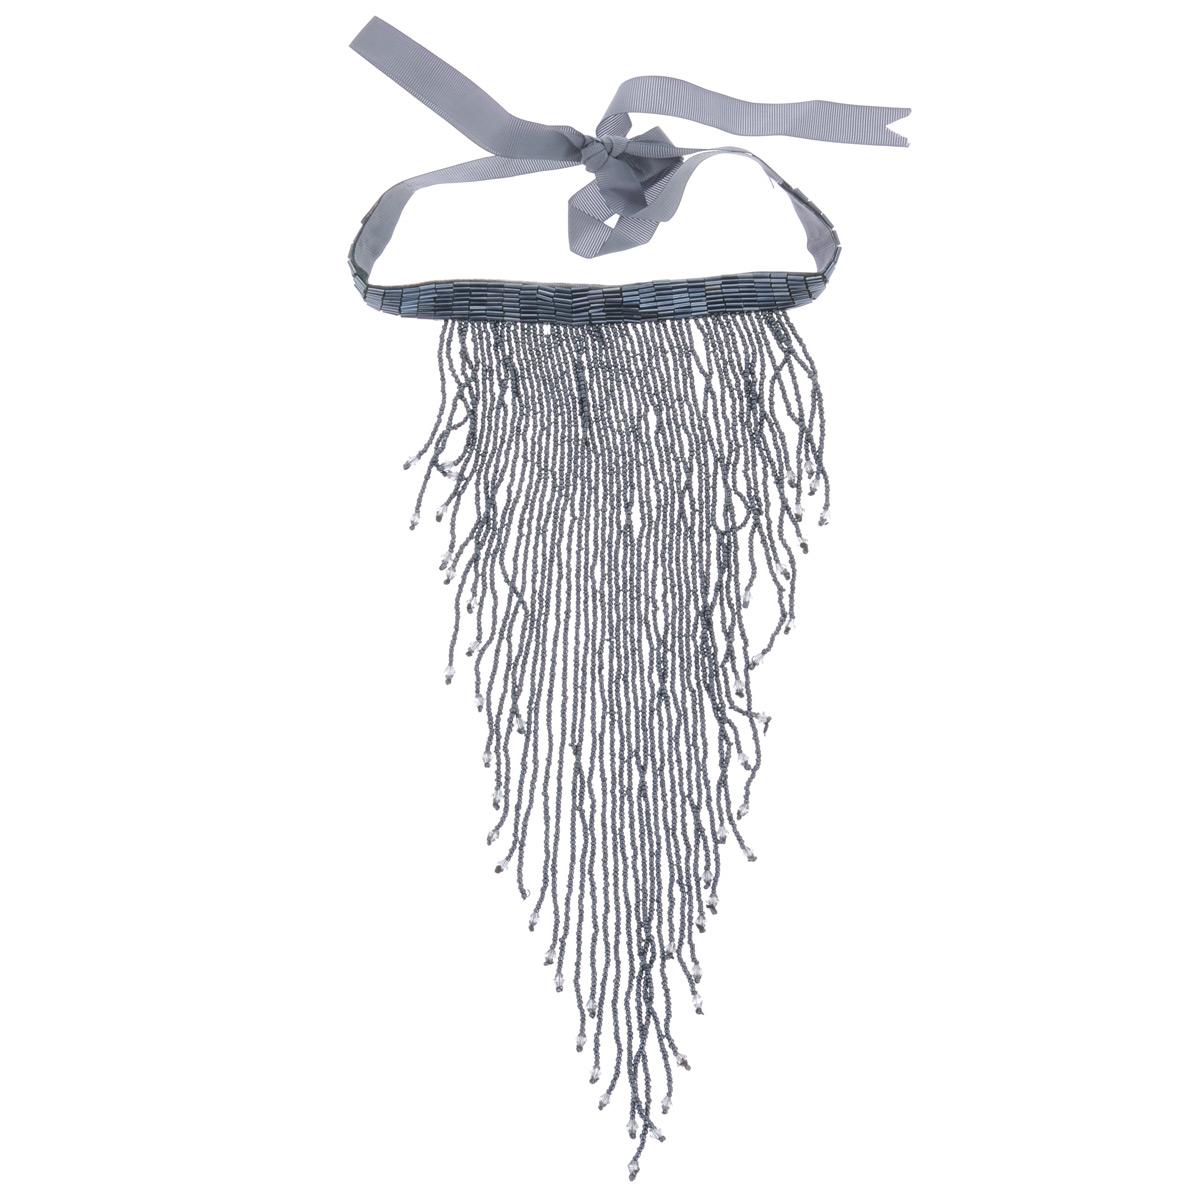 Ожерелье Avgad, цвет: серебристый. H-477S836H-477S836Элегантное ожерелье Avgad выполнено из текстиля и дополнено стеклярусом и ниспадающими рядами нитей с бисером. Ожерелье завязывается на бант, длина изделия регулируется за счет текстильной части. Такое ожерелье позволит вам с легкостью воплотить самую смелую фантазию и создать собственный, неповторимый образ.